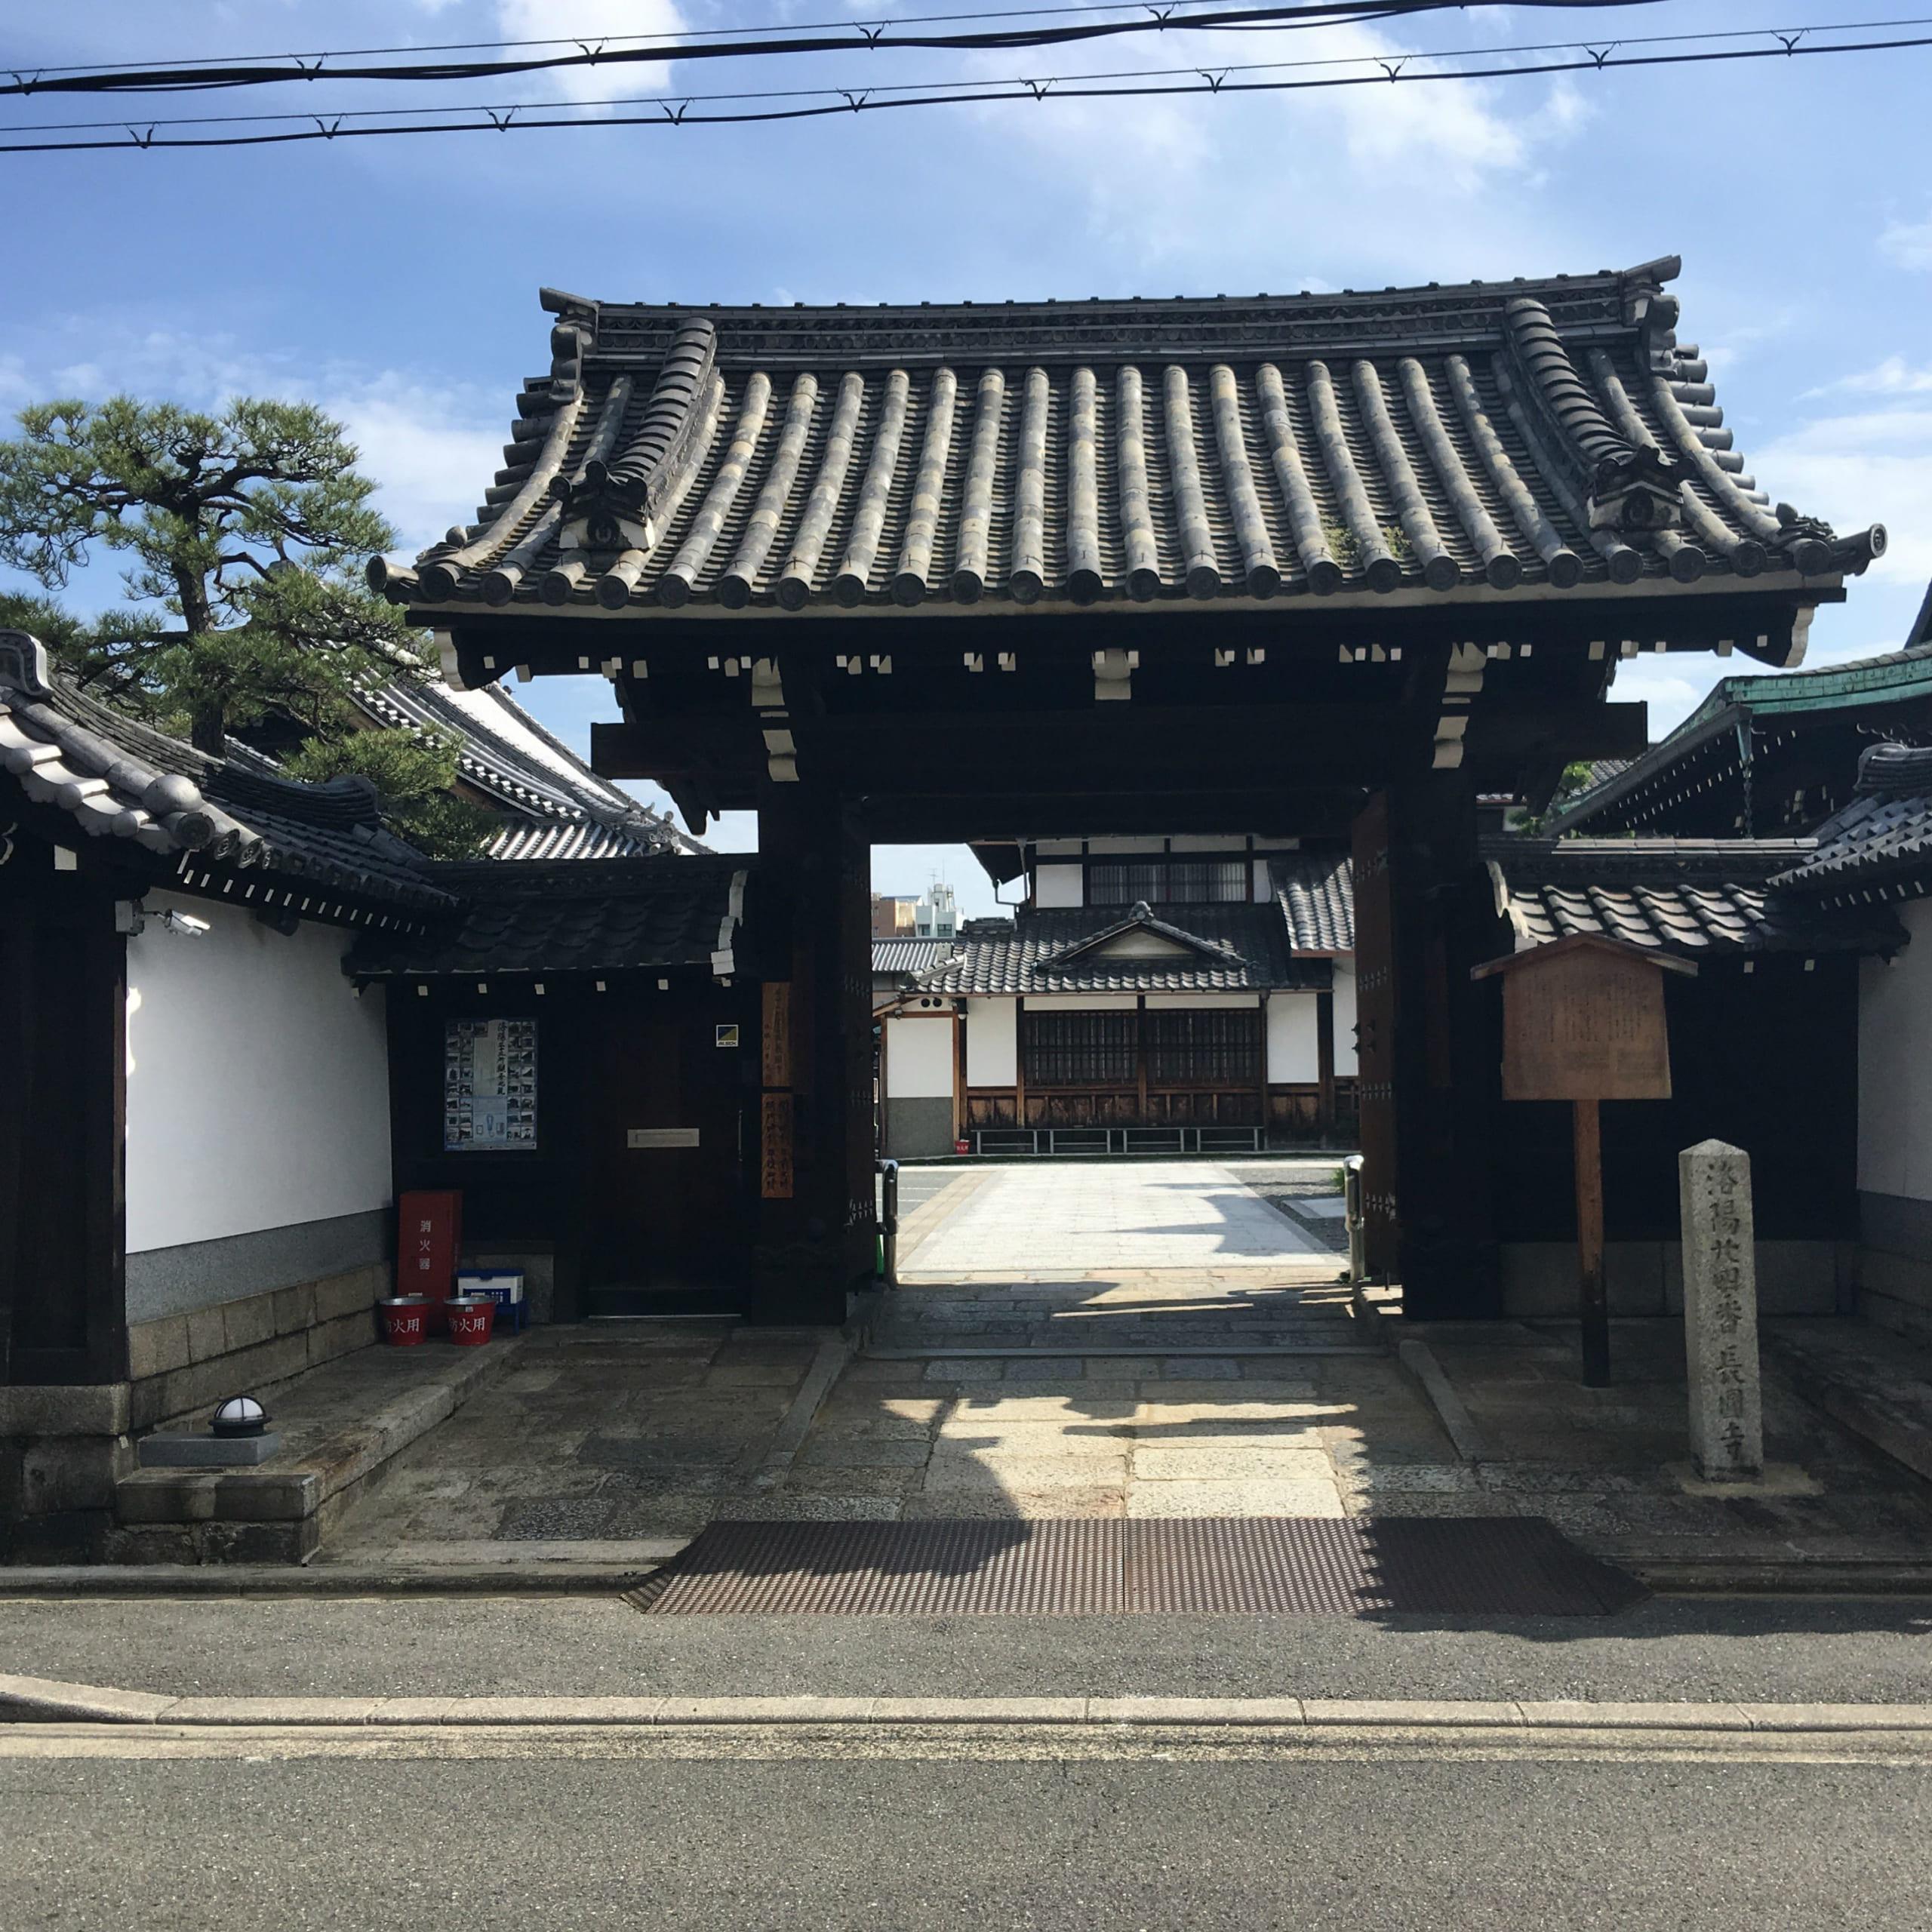 大宮界隈・板倉勝重と松永久秀ゆかりの地へ【前編】